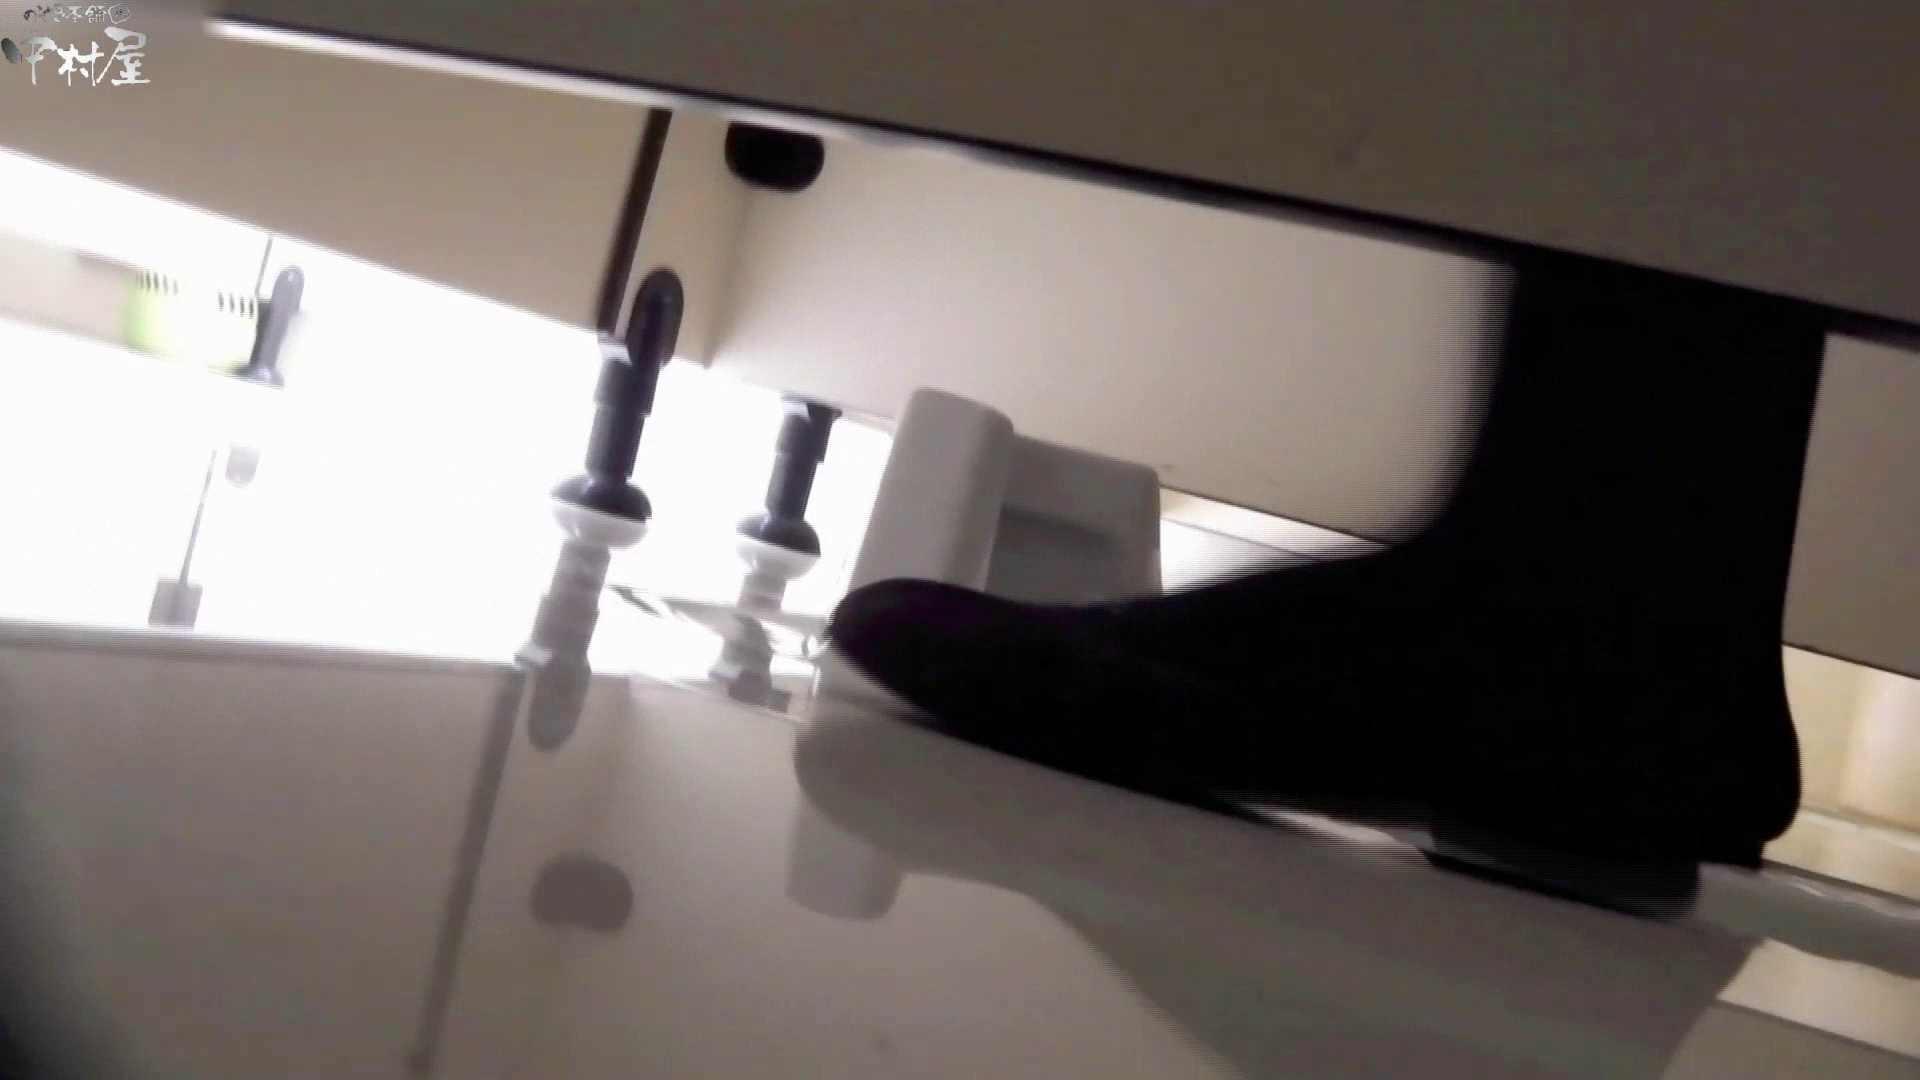 お市さんの「お尻丸出しジャンボリー」No.13 放尿編 AV動画キャプチャ 97PIX 97